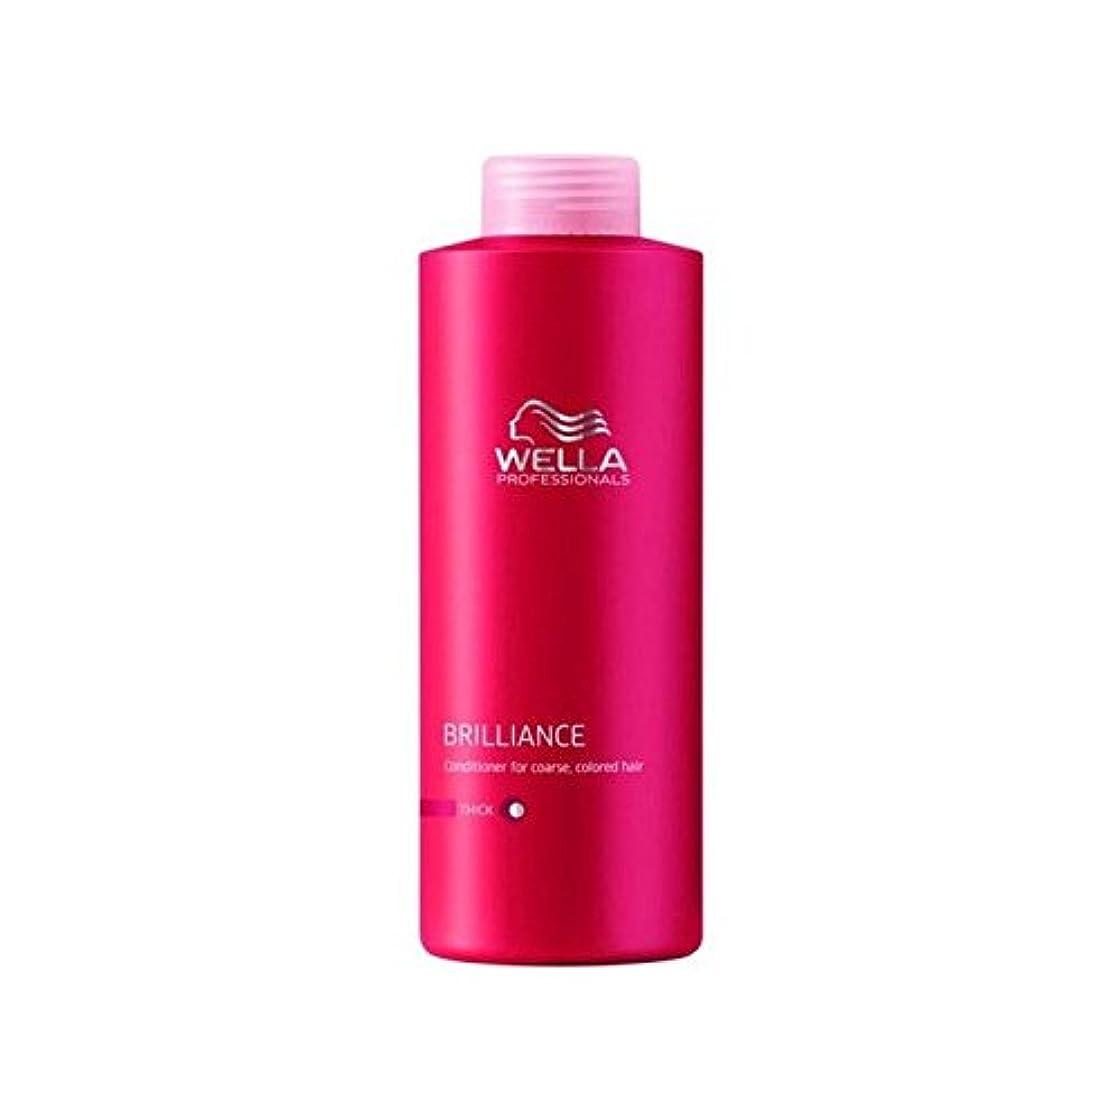 ヒット天の適切なウェラの専門家は粗いコンディショナー(千ミリリットル)をブリリアンス x2 - Wella Professionals Brilliance Coarse Conditioner (1000ml) (Pack of 2)...